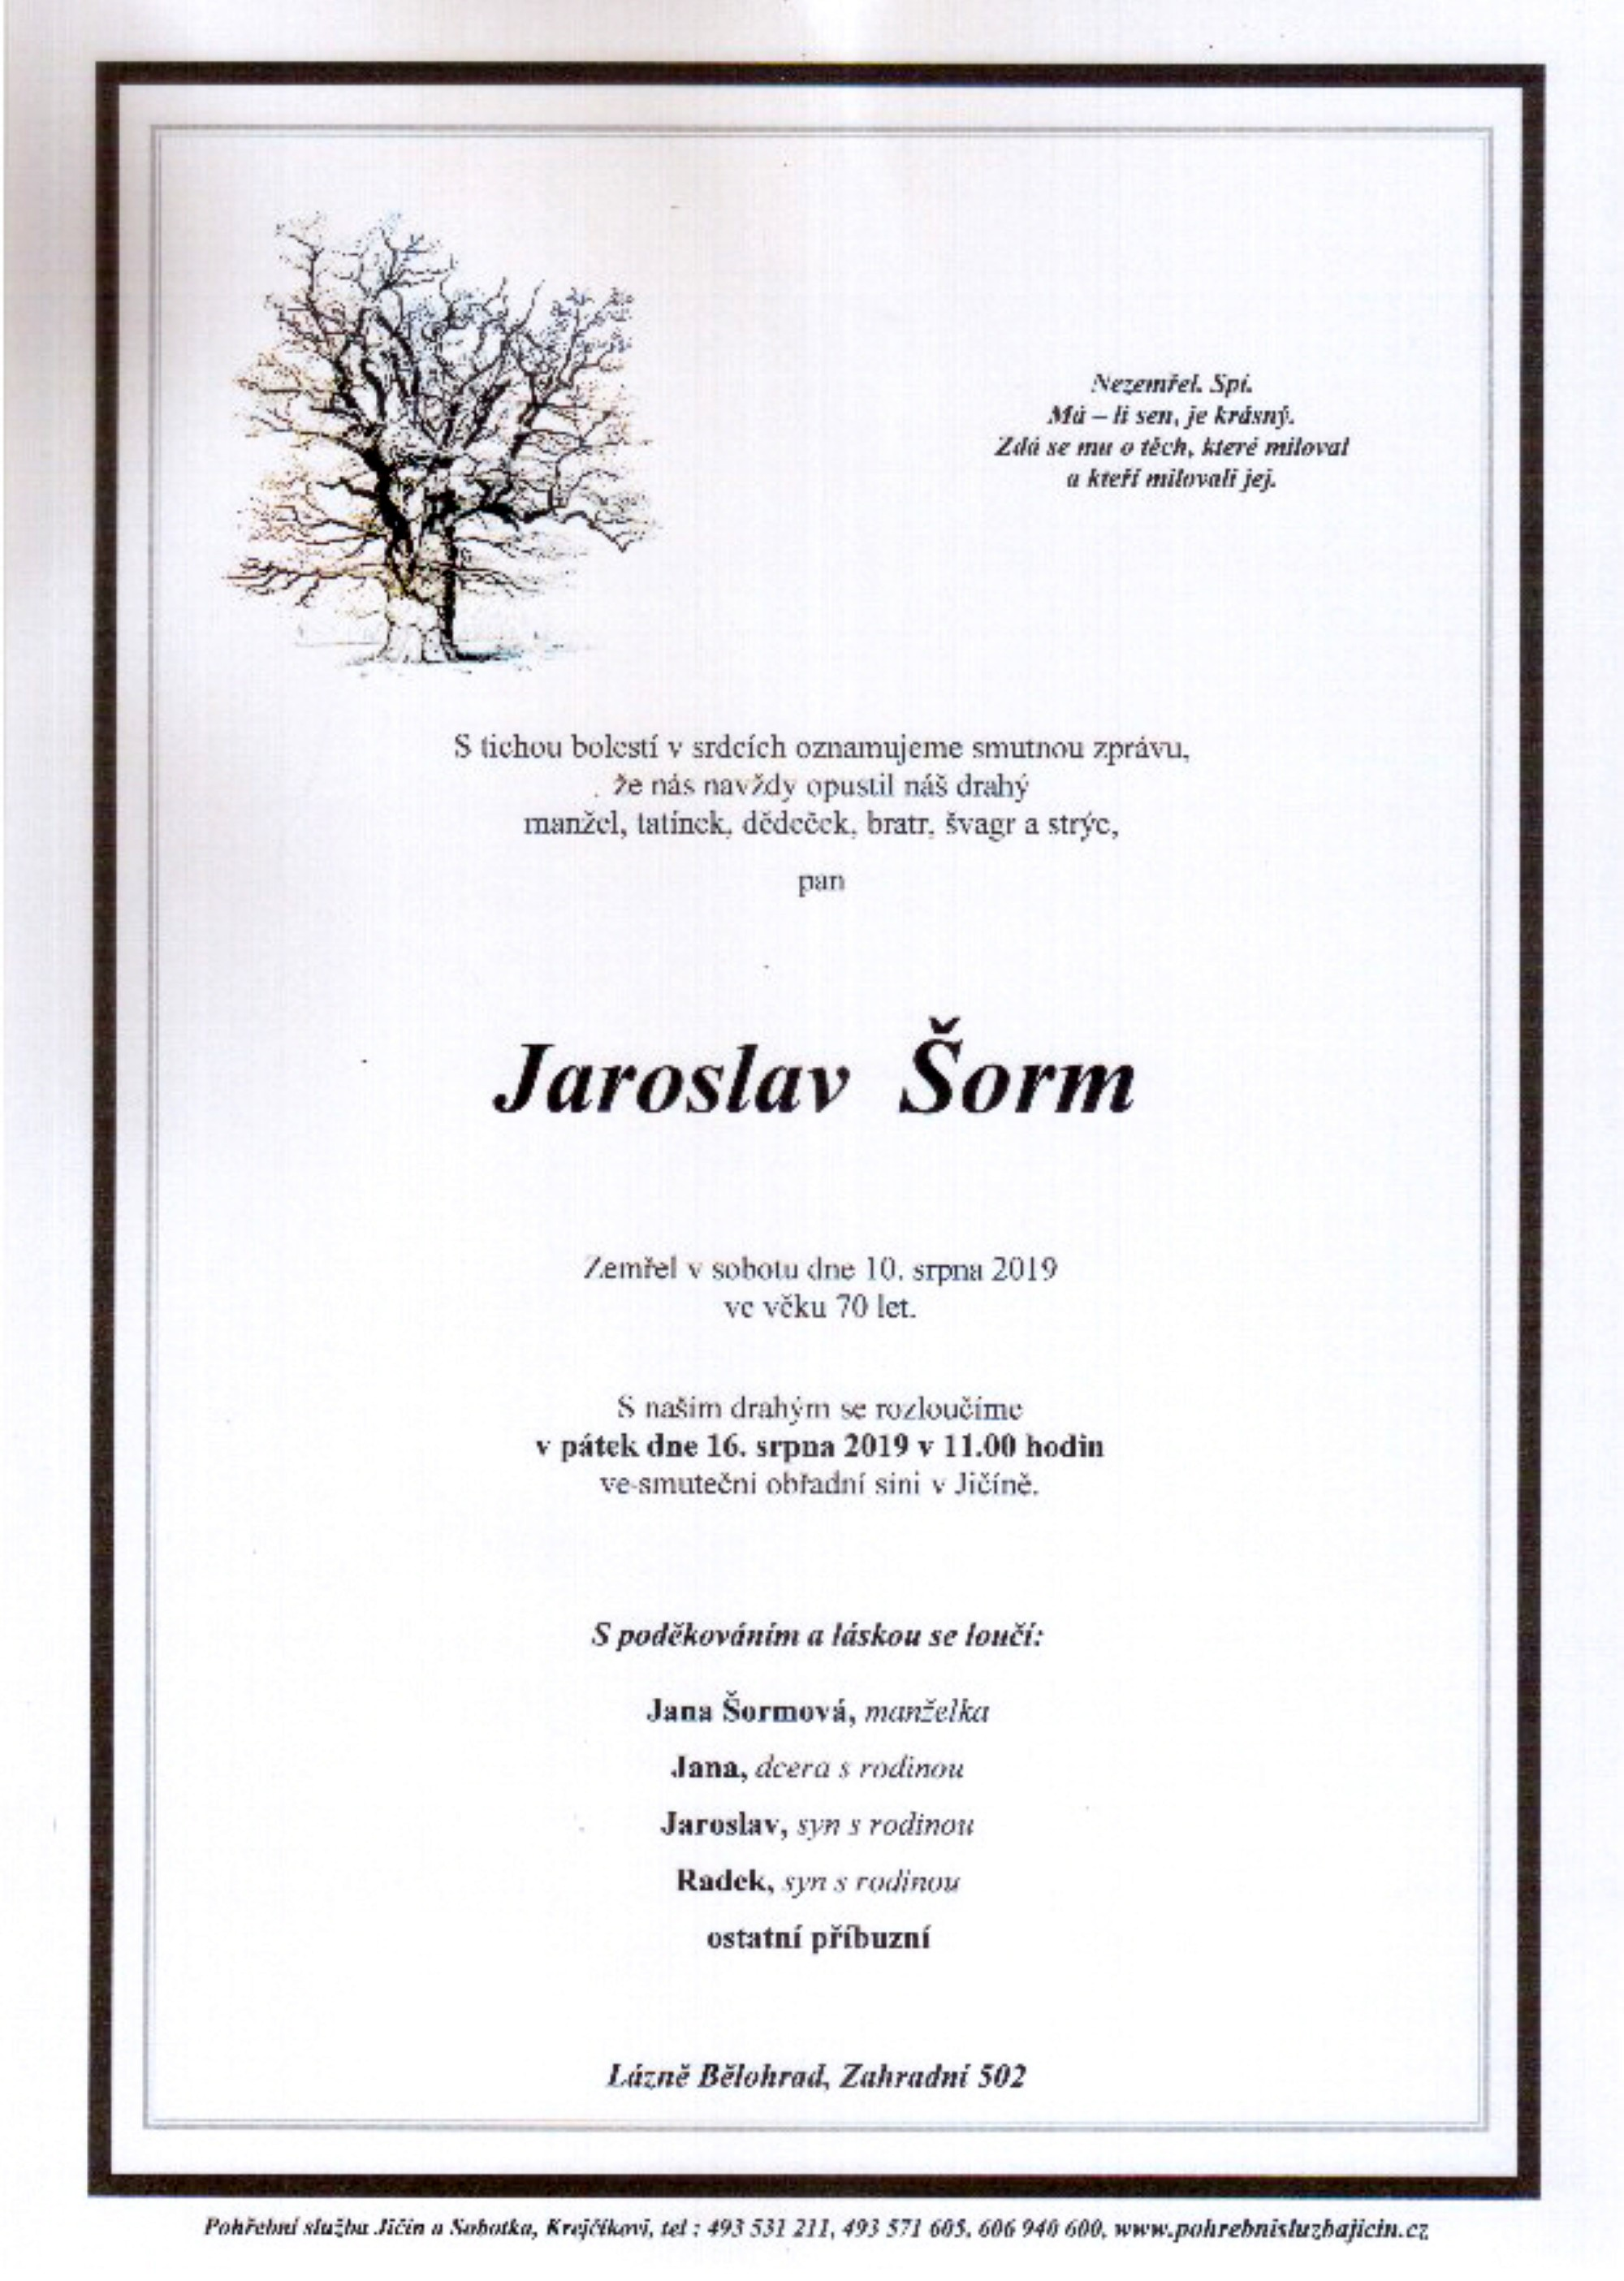 Jaroslav Šorm